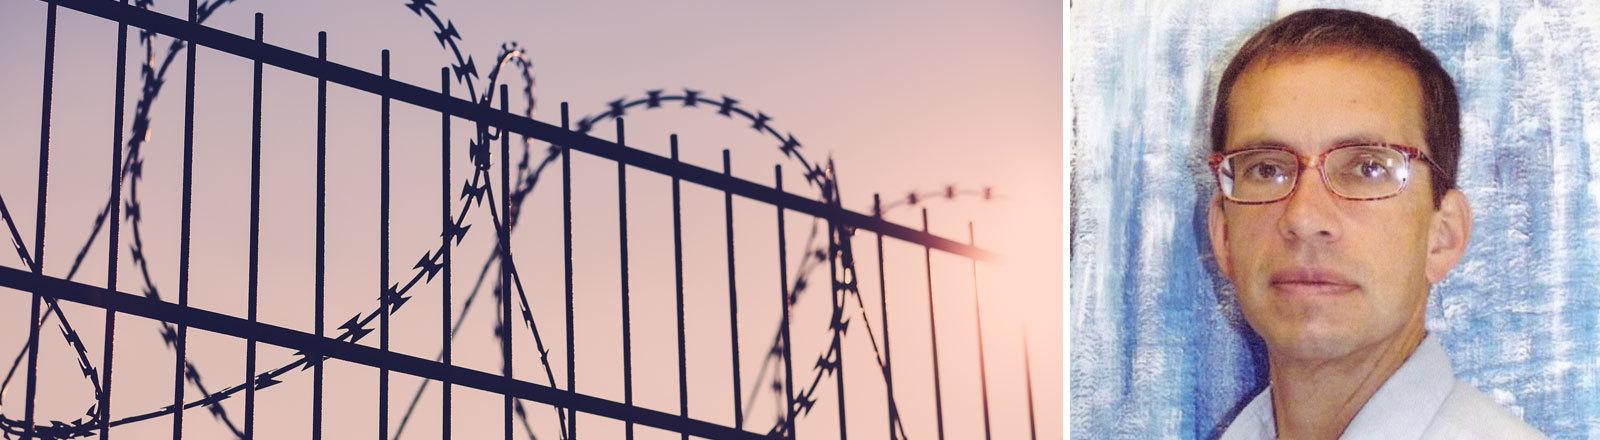 """Jens Söring, aufgenommen im Gefängnis """"Buckingham Correctional Center"""" in Dillwyn, Virginia, USA, im Jahr 2012. Seit über 20 Jahren sitzt der Deutsche Jens Söring im Gefängnis, verurteilt als Doppelmörder. Er beteuert seine Unschuld und hofft nun auf Hilfe - von der Kanzlerin und dem US-Präsidenten."""